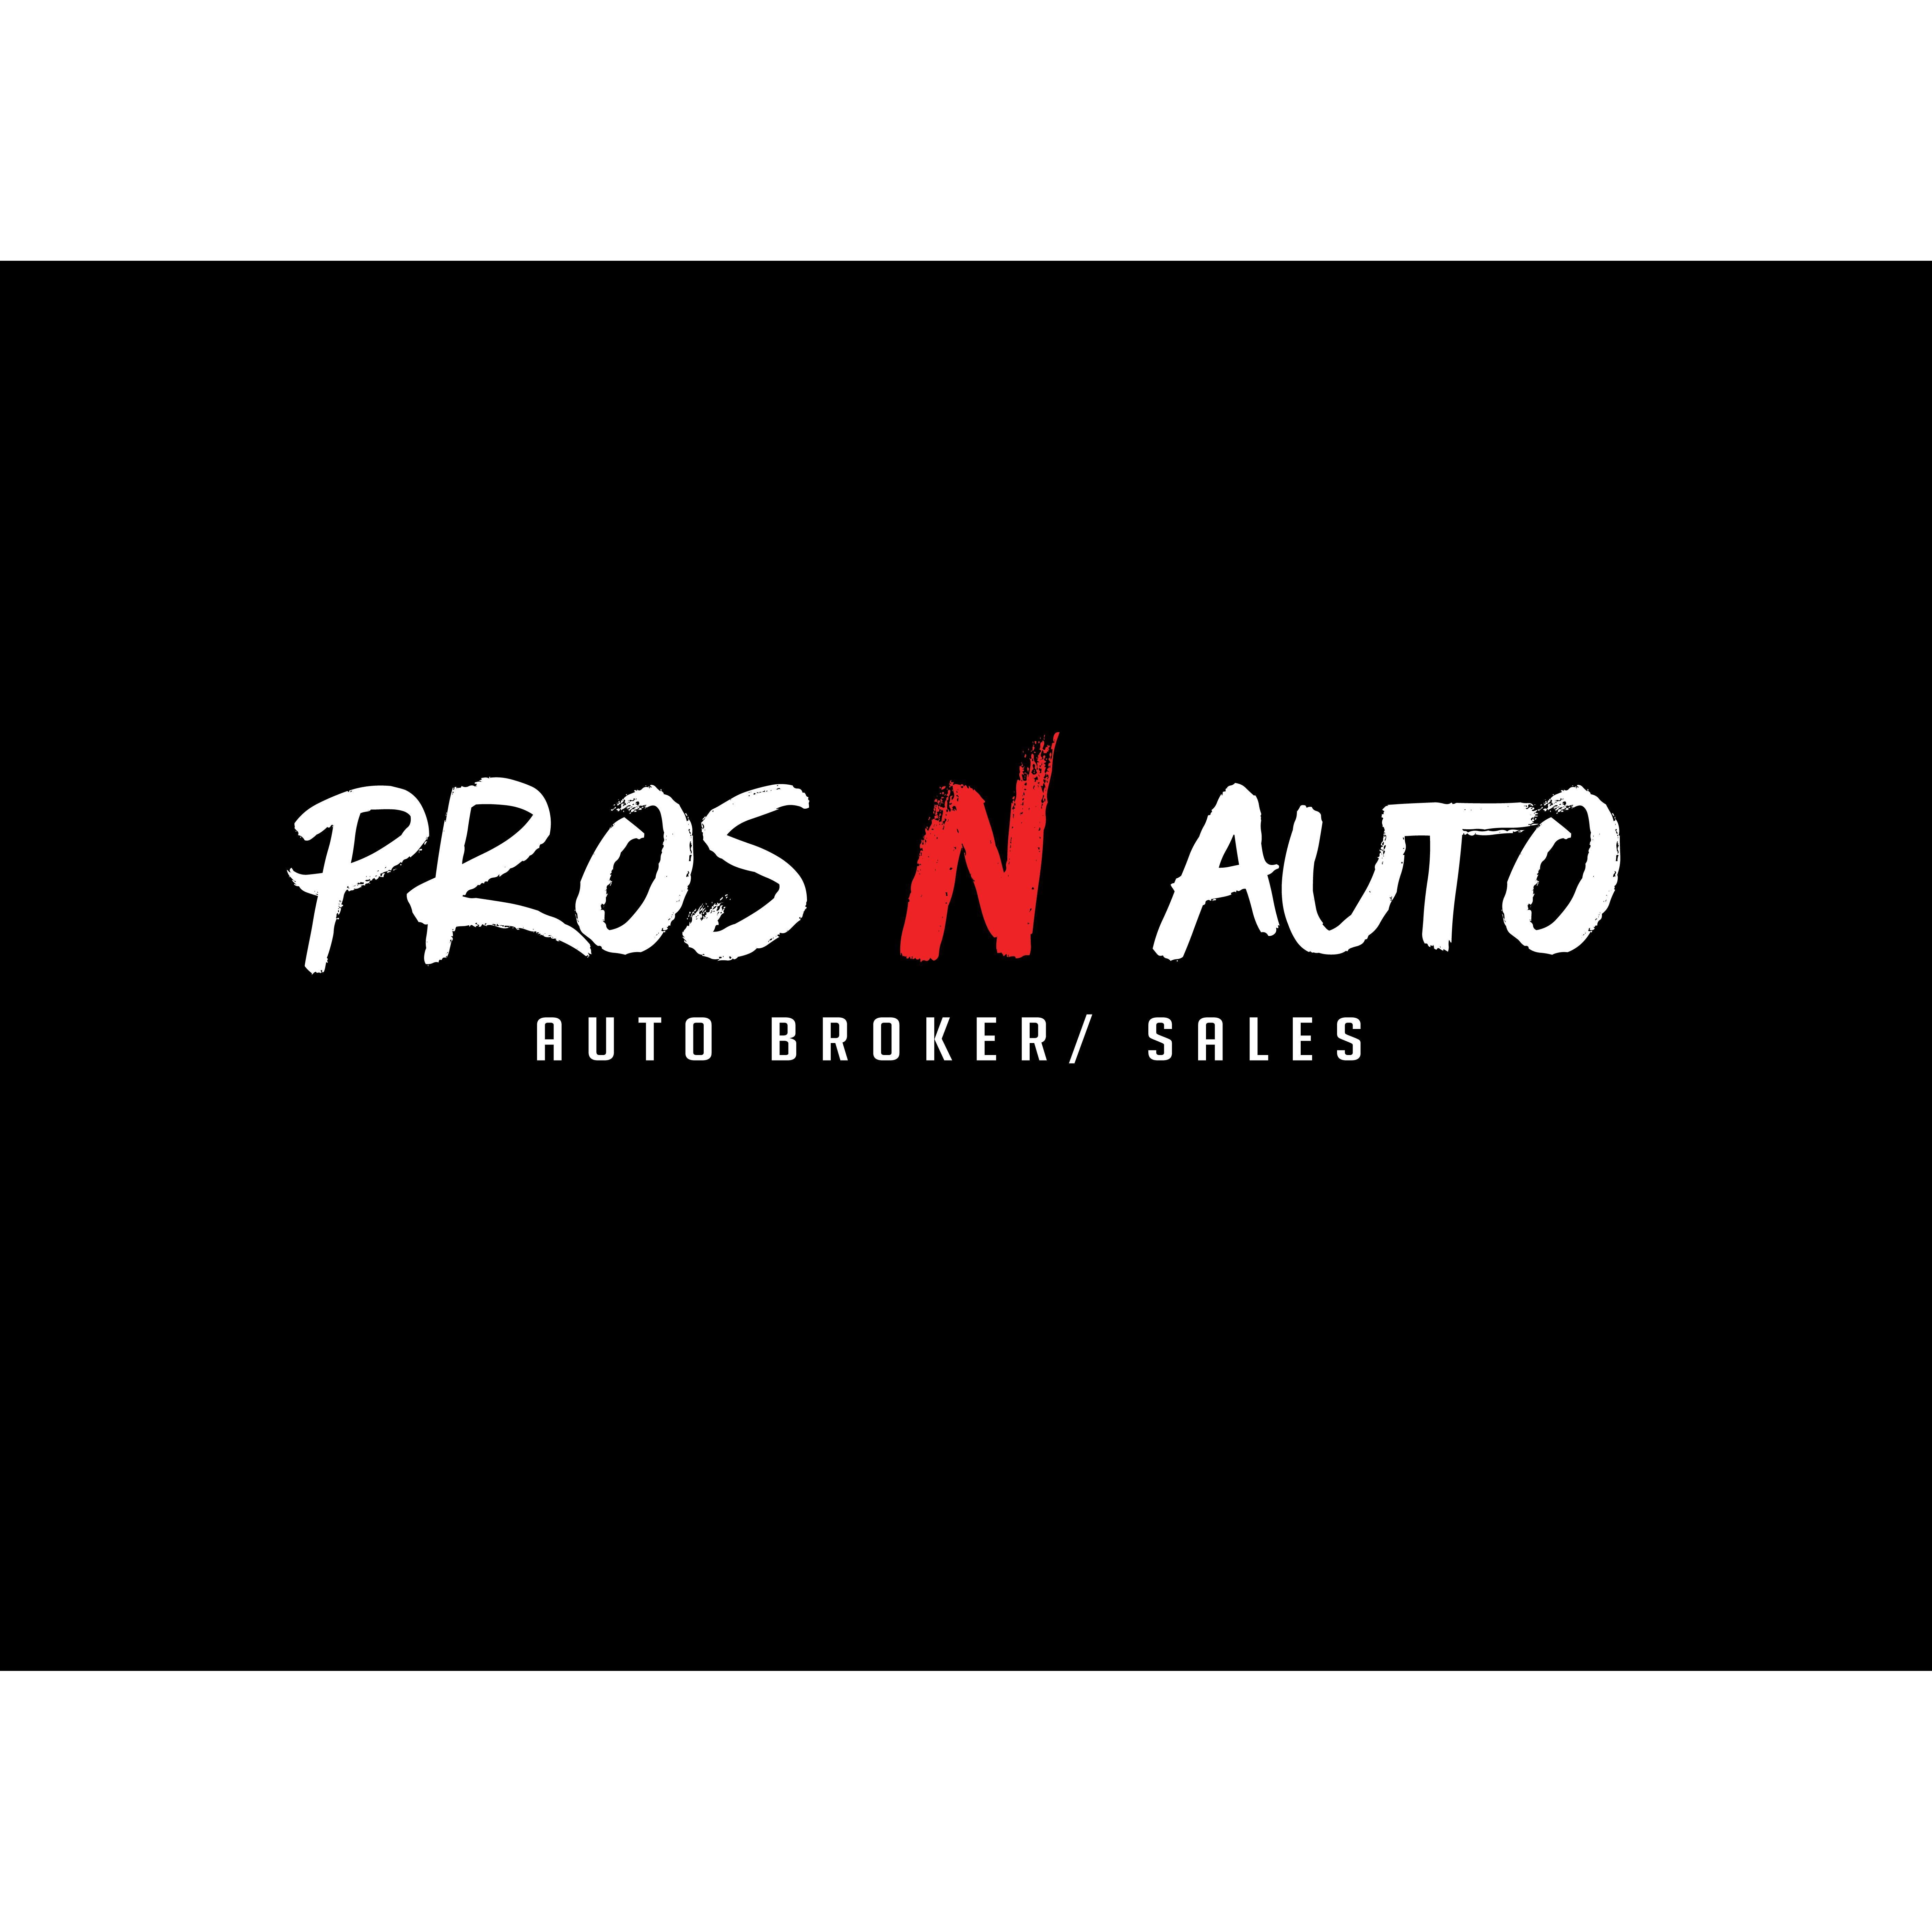 PROS N AUTO